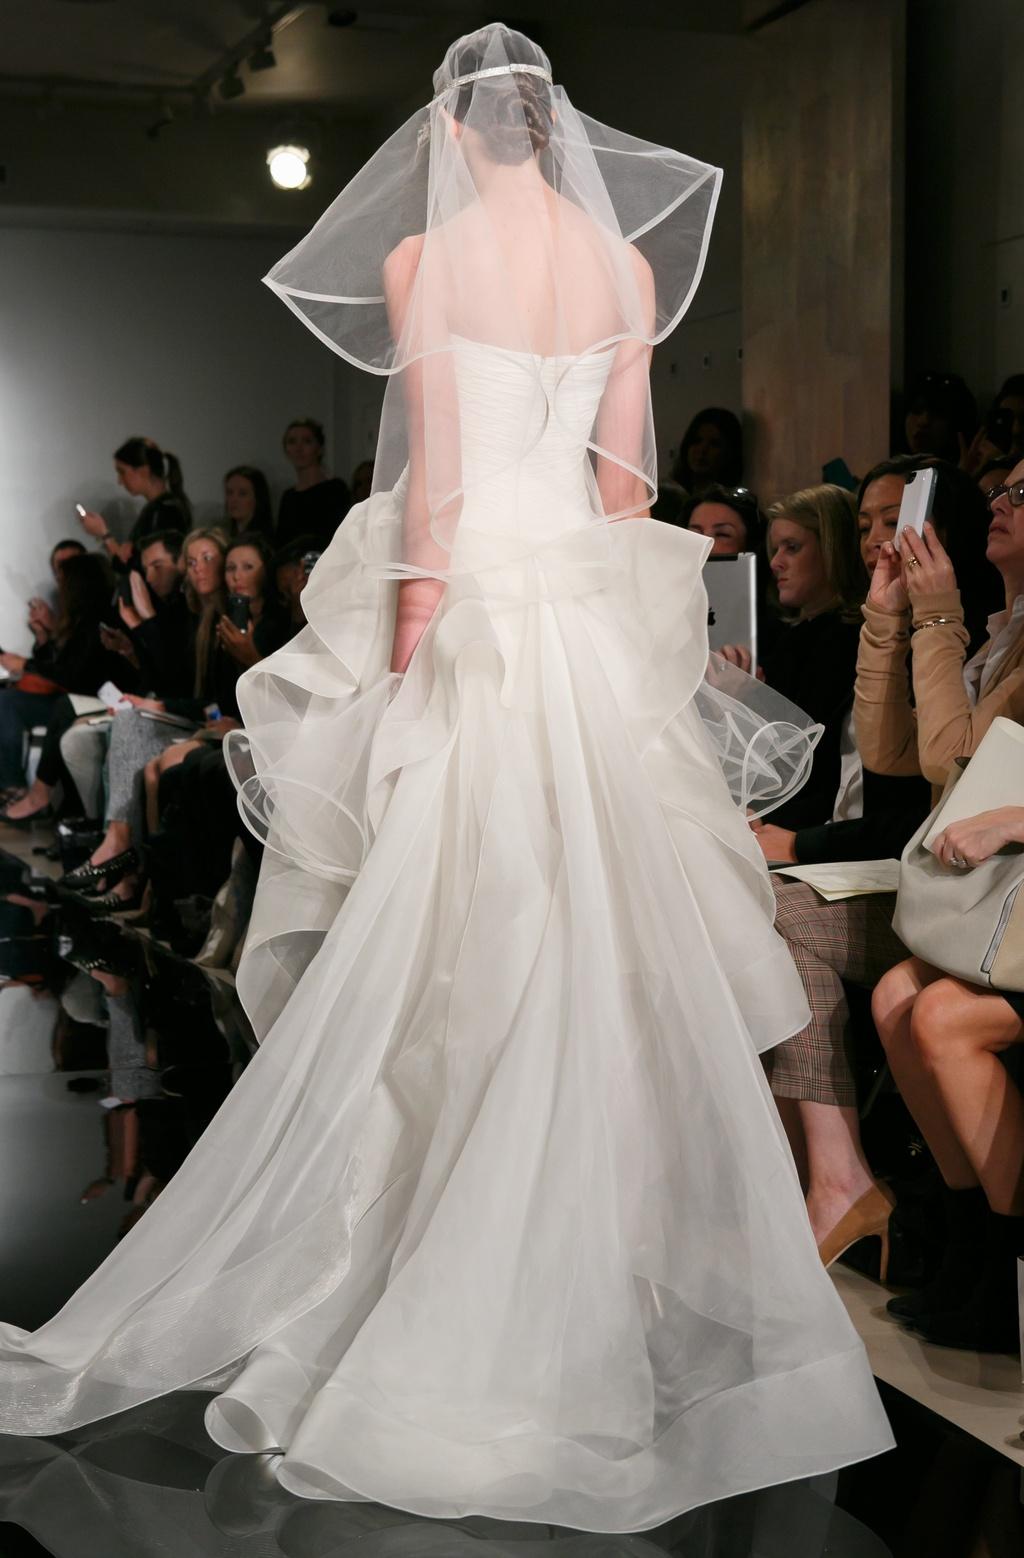 Reem-acra-wedding-dress-fall-2013-bridal-amanda-the-it-dress.full